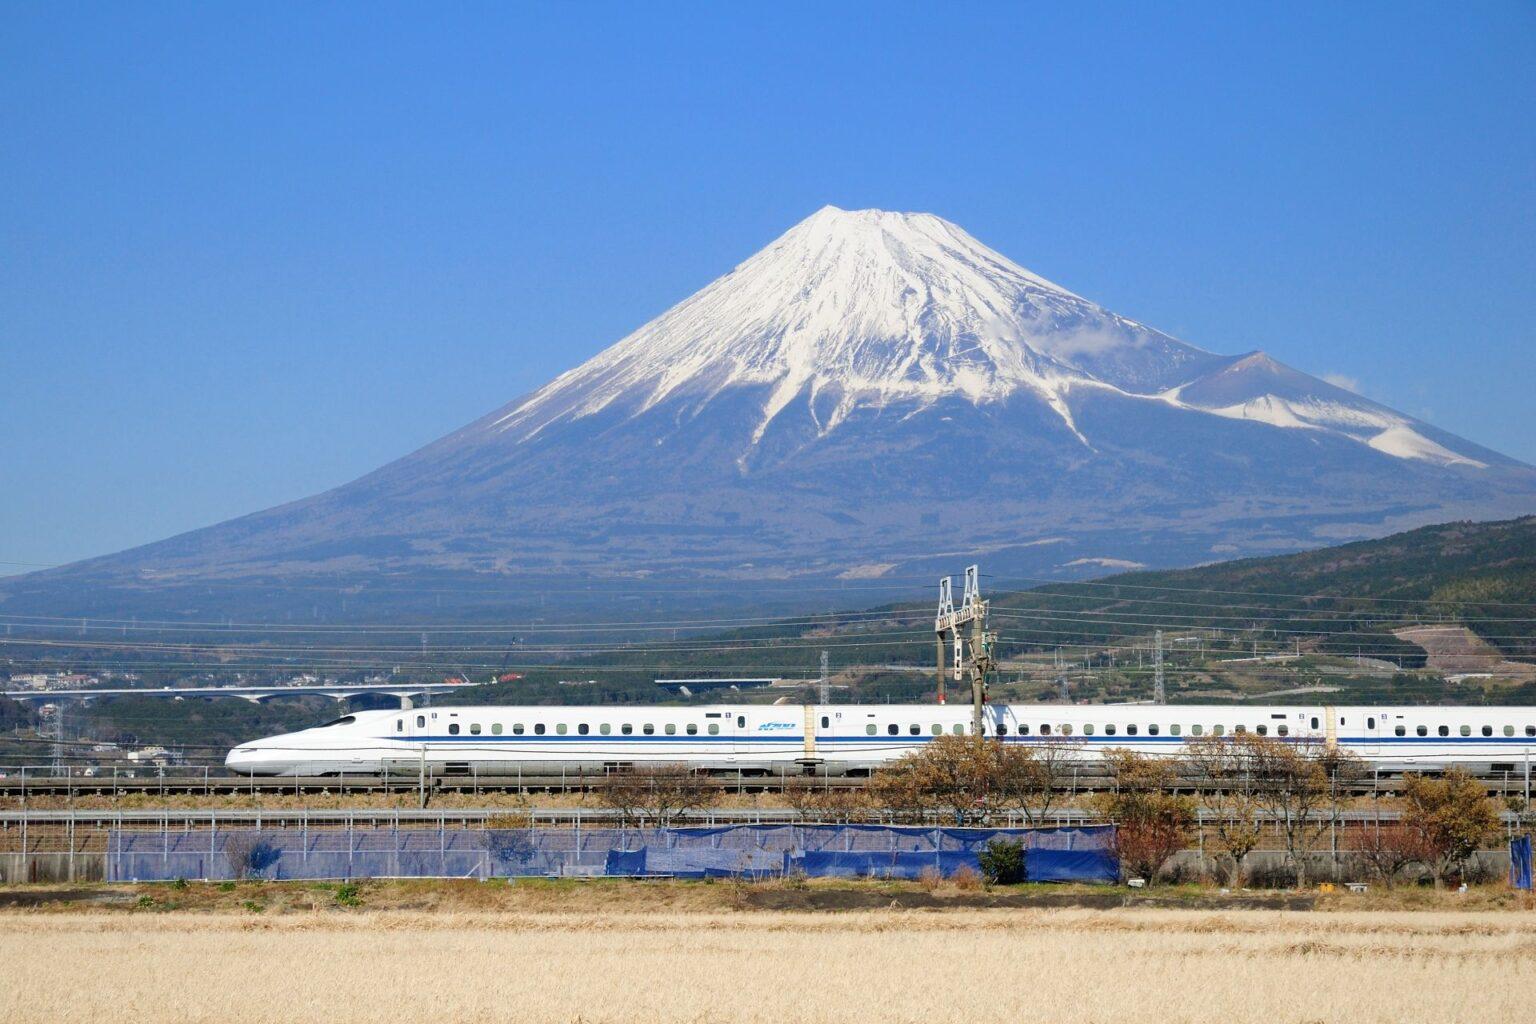 ツアー情報まとめ富士と新幹線